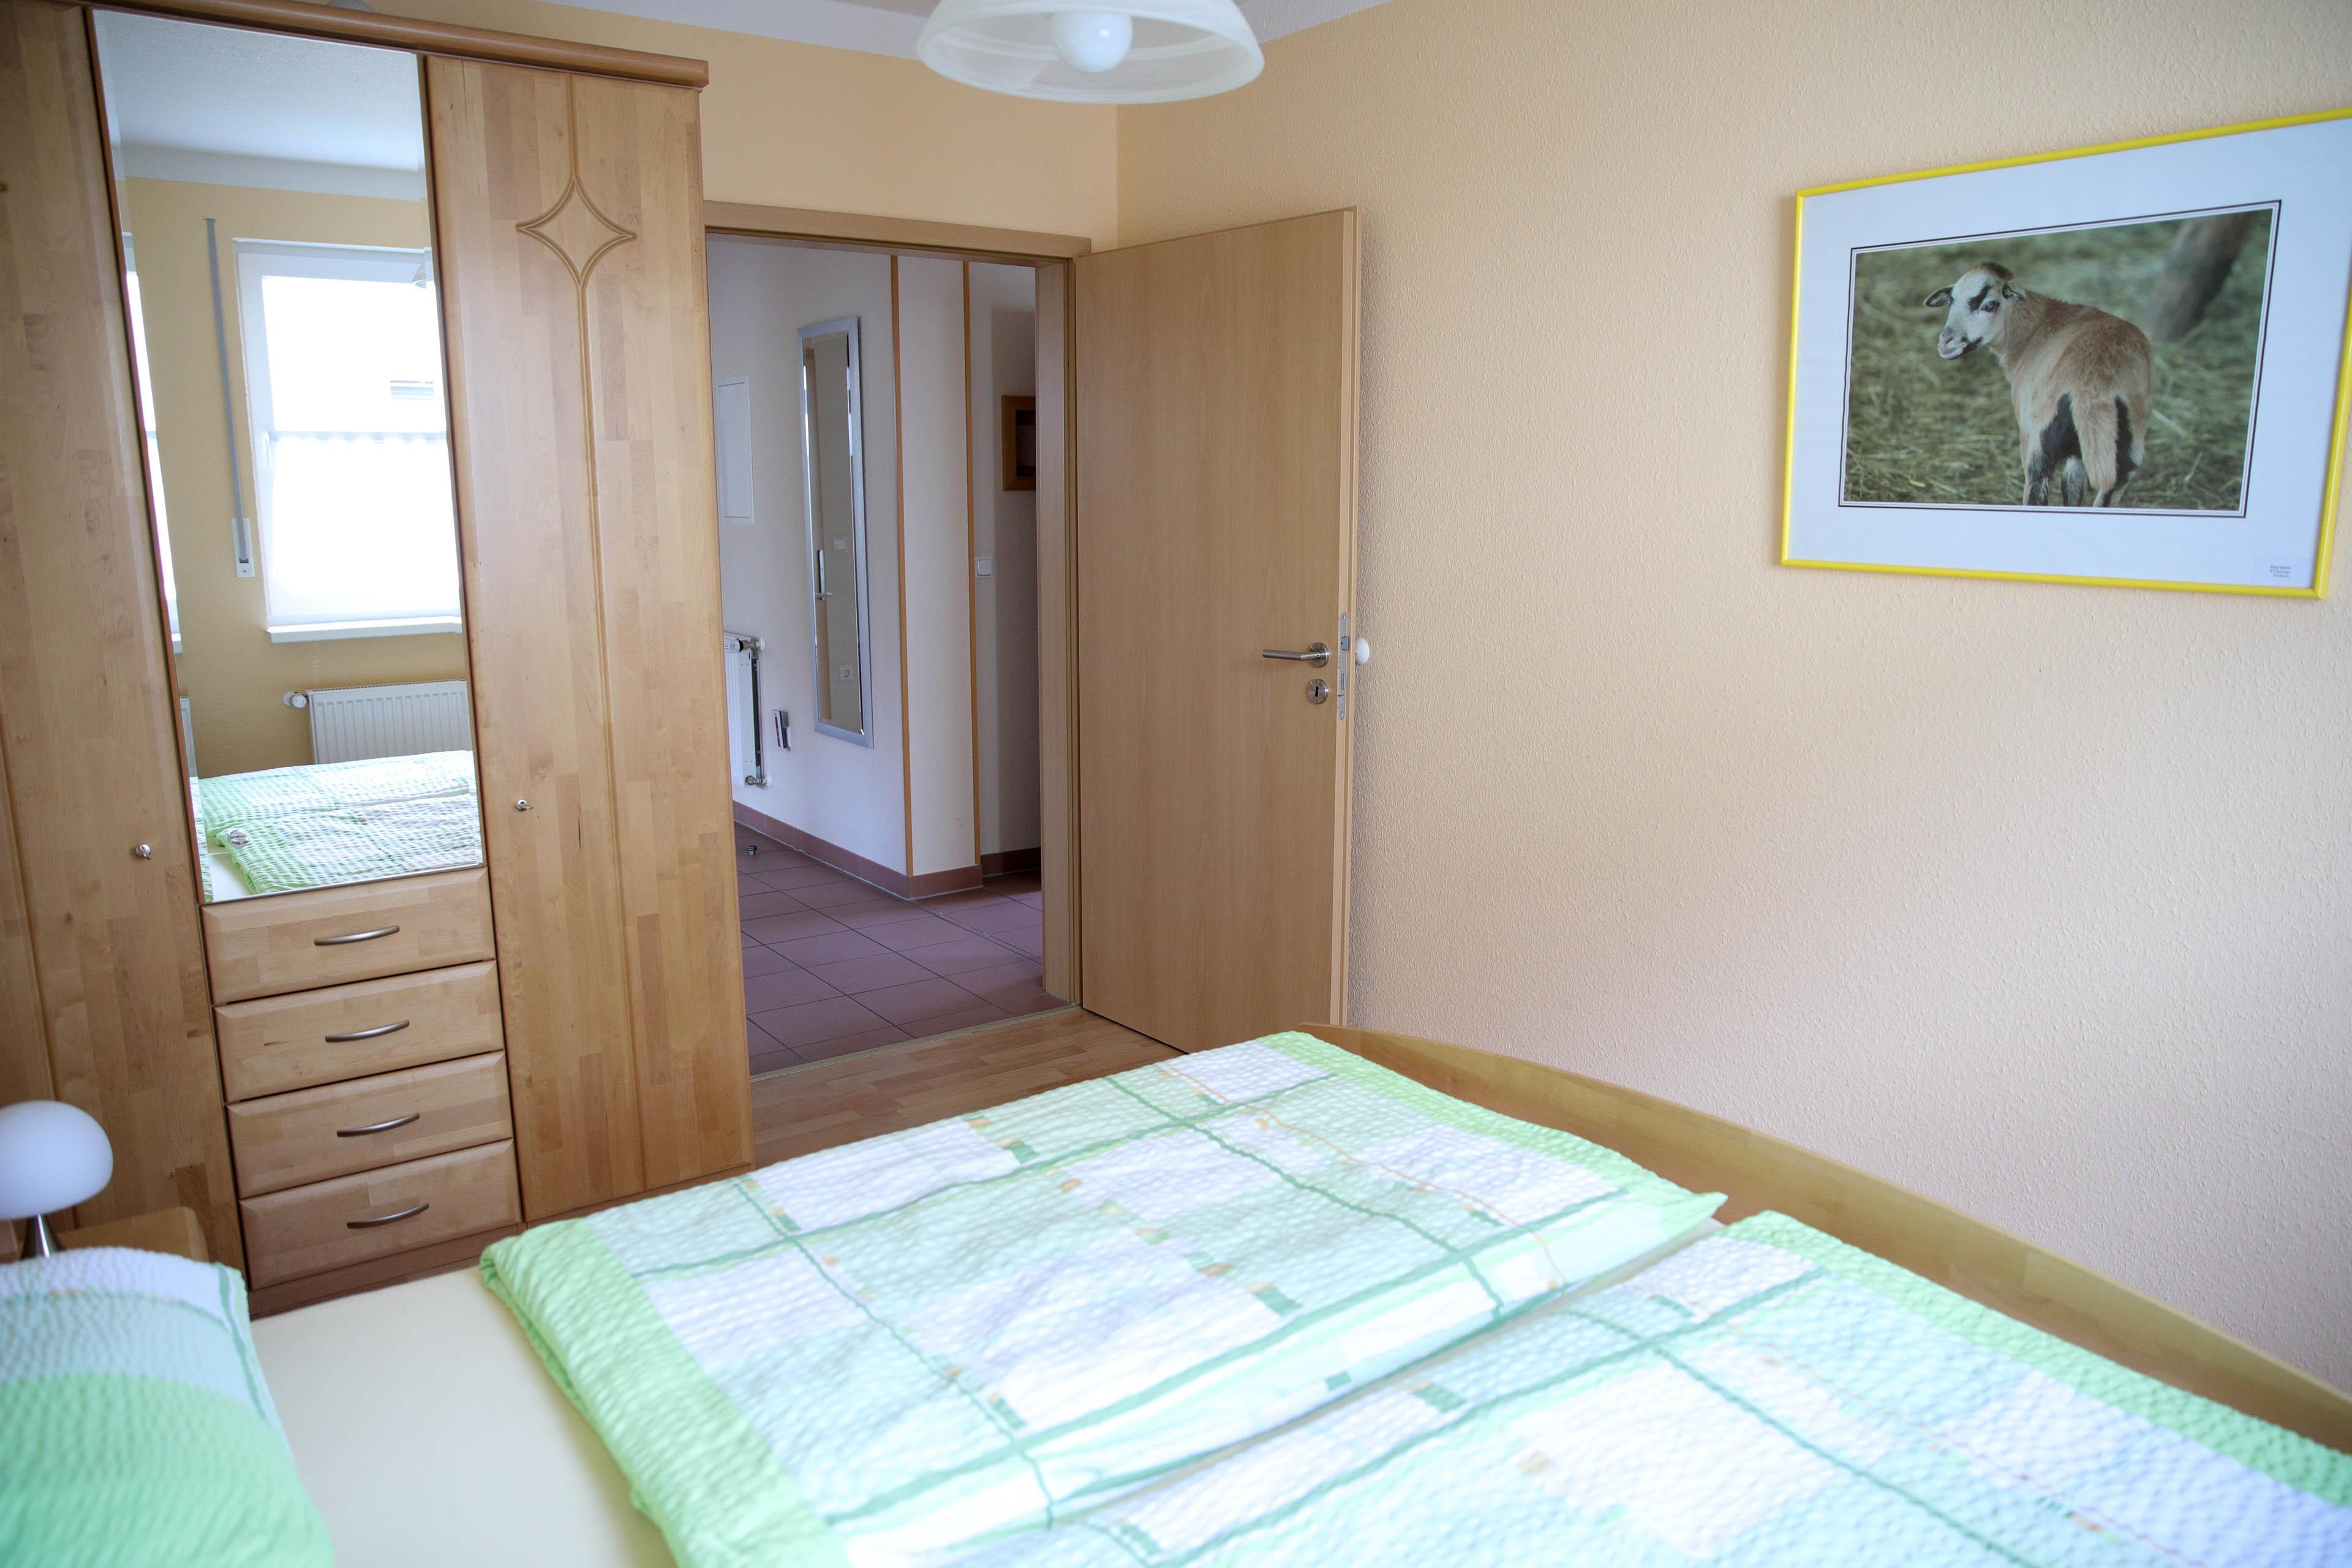 FeWo 1 - Schlafzimmer klein (Bild 2)